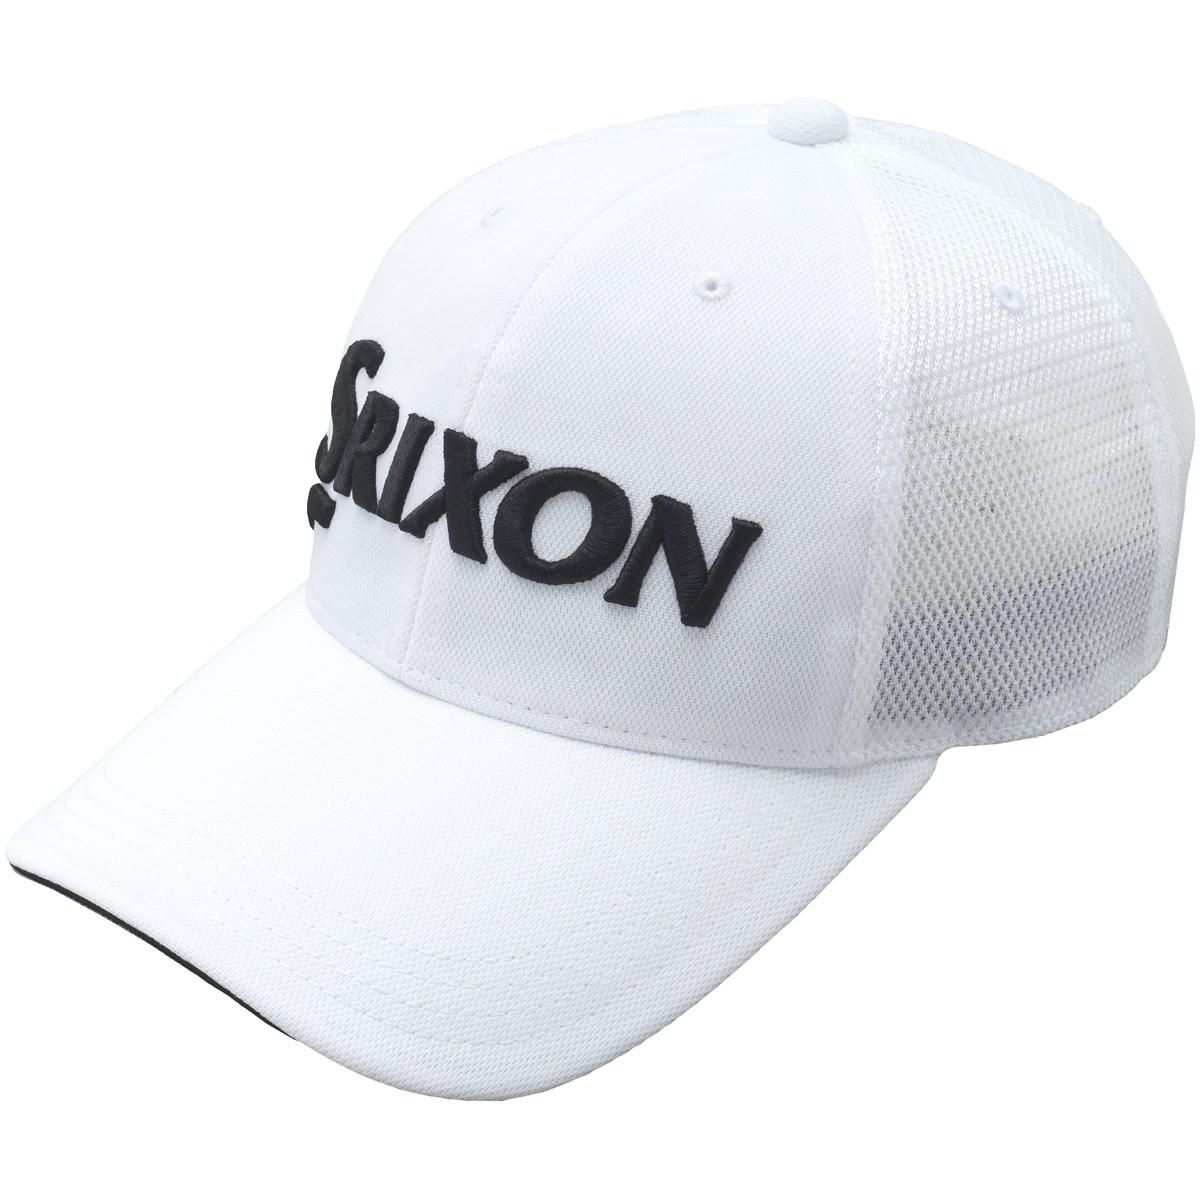 ダンロップ SRIXON メッシュキャップ フリー ホワイト